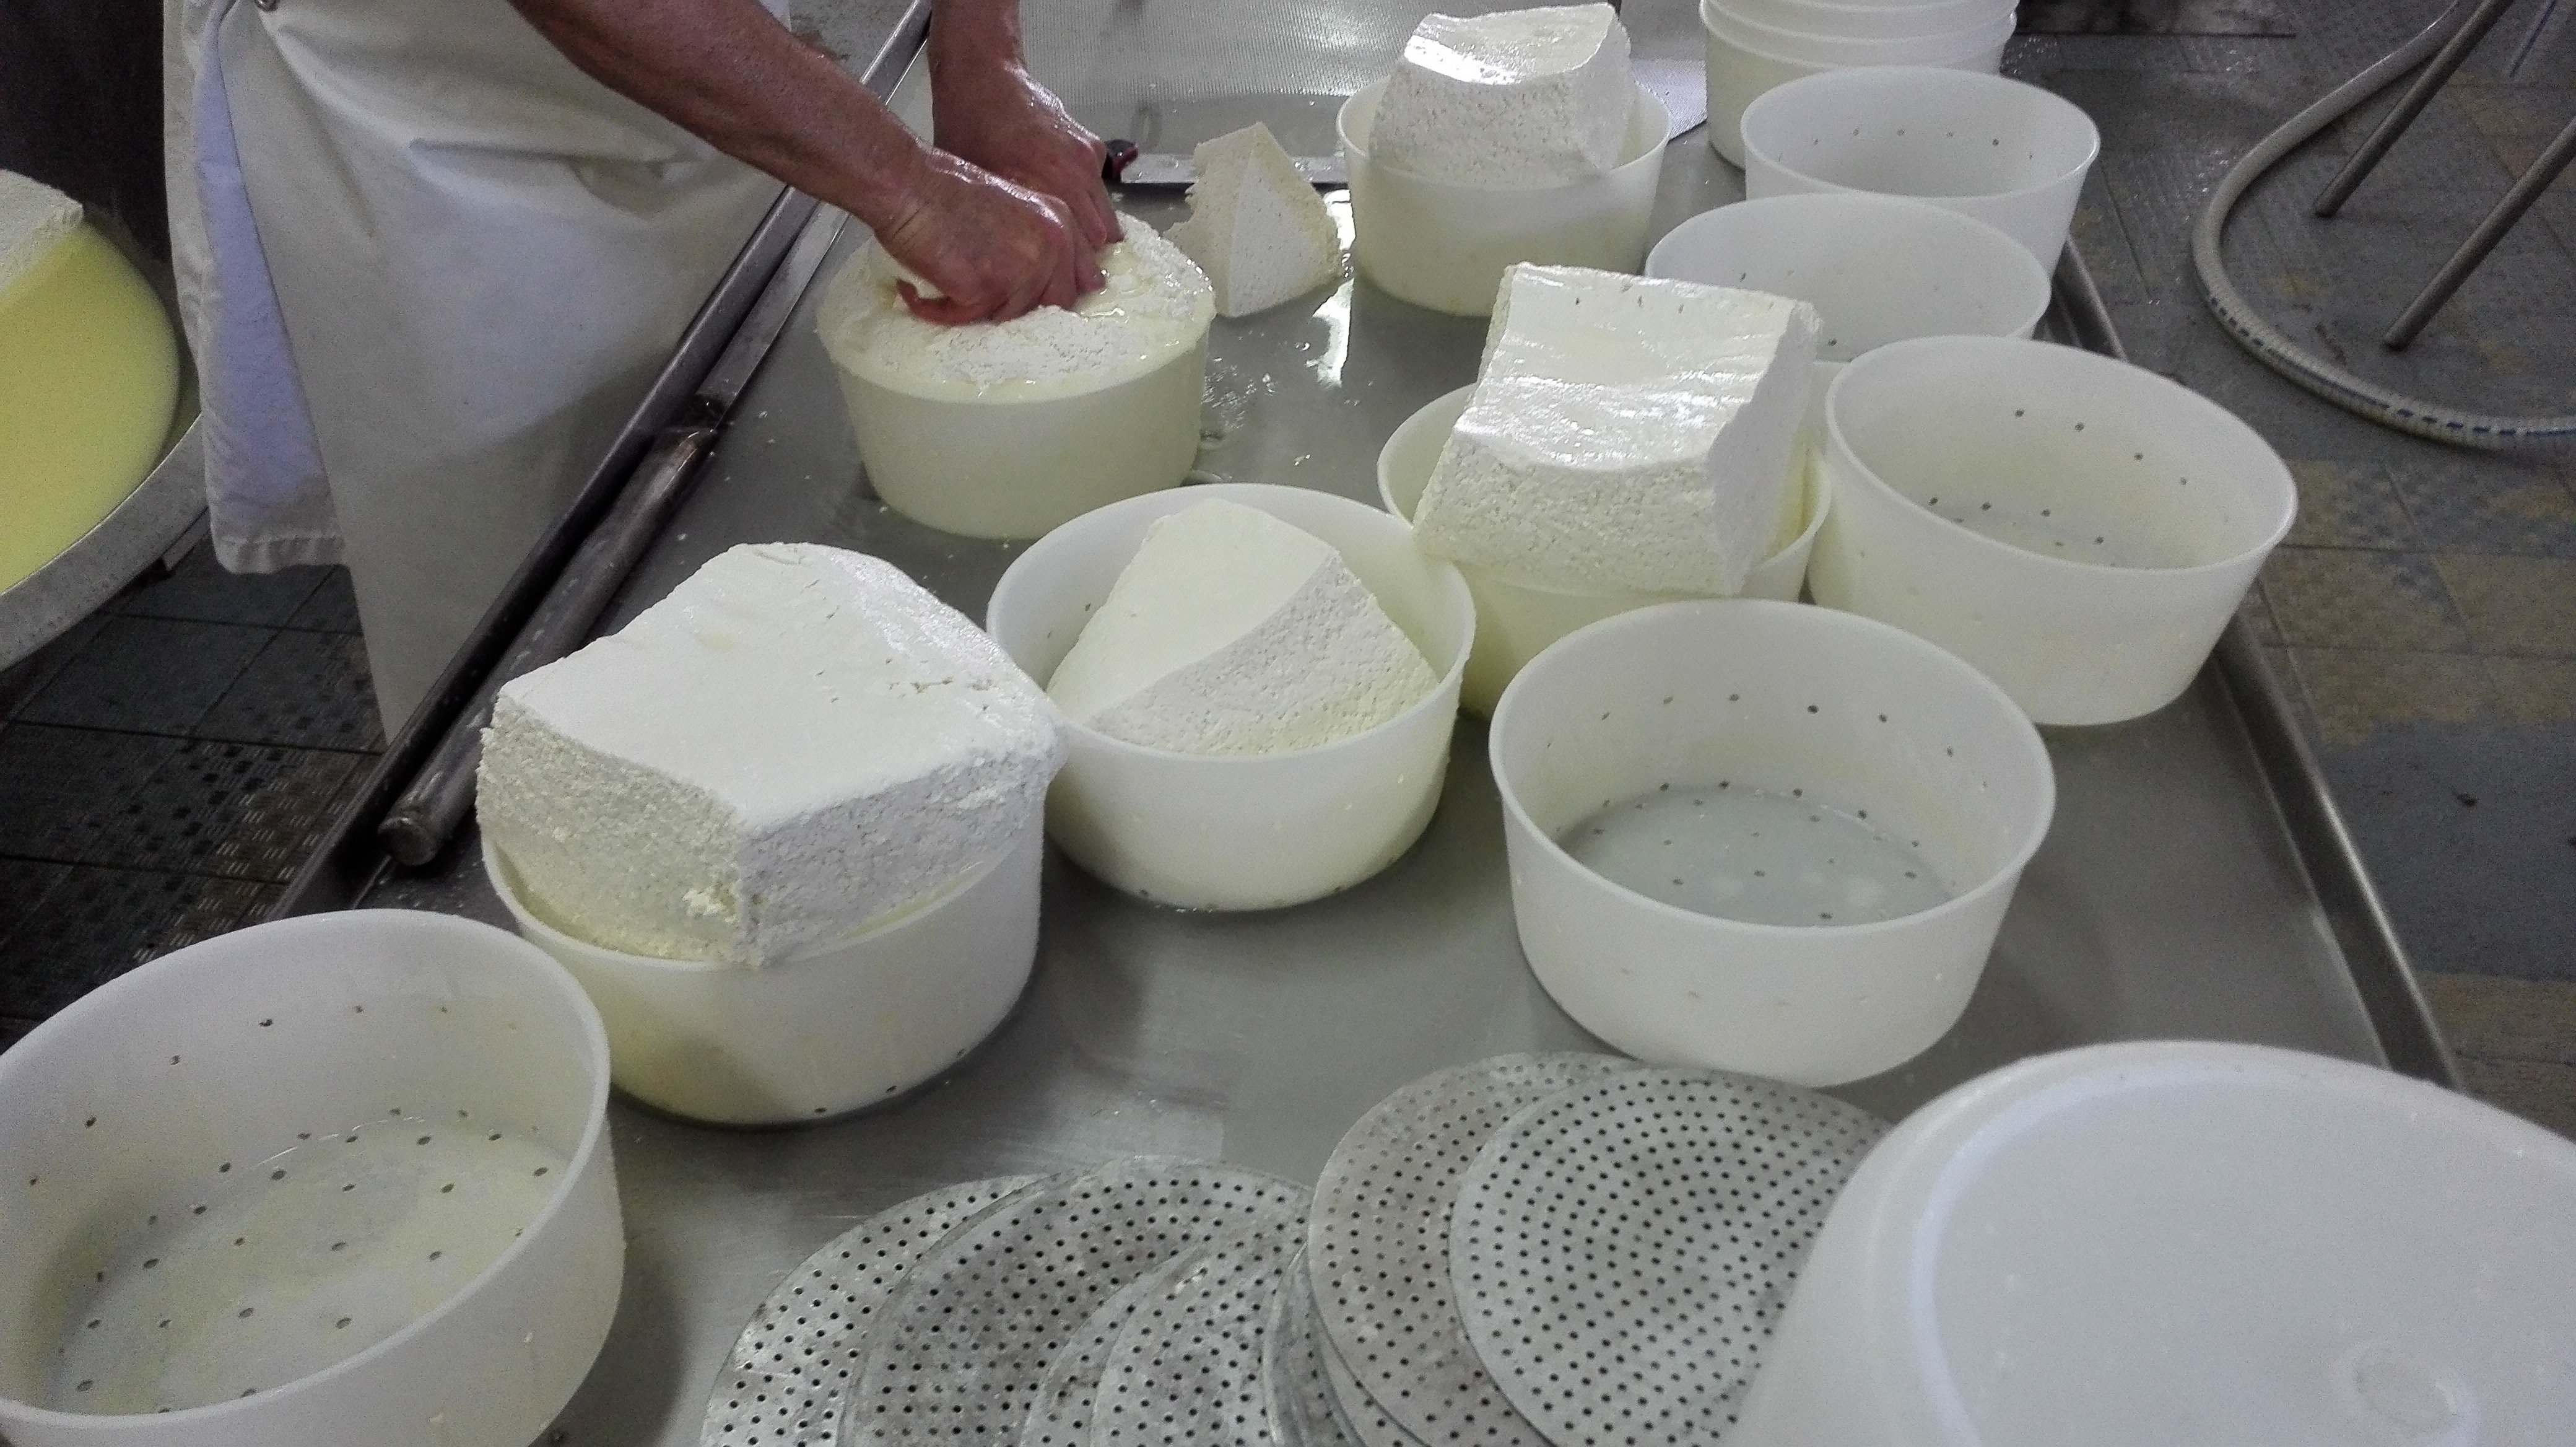 Lavorazione di formaggi freschi